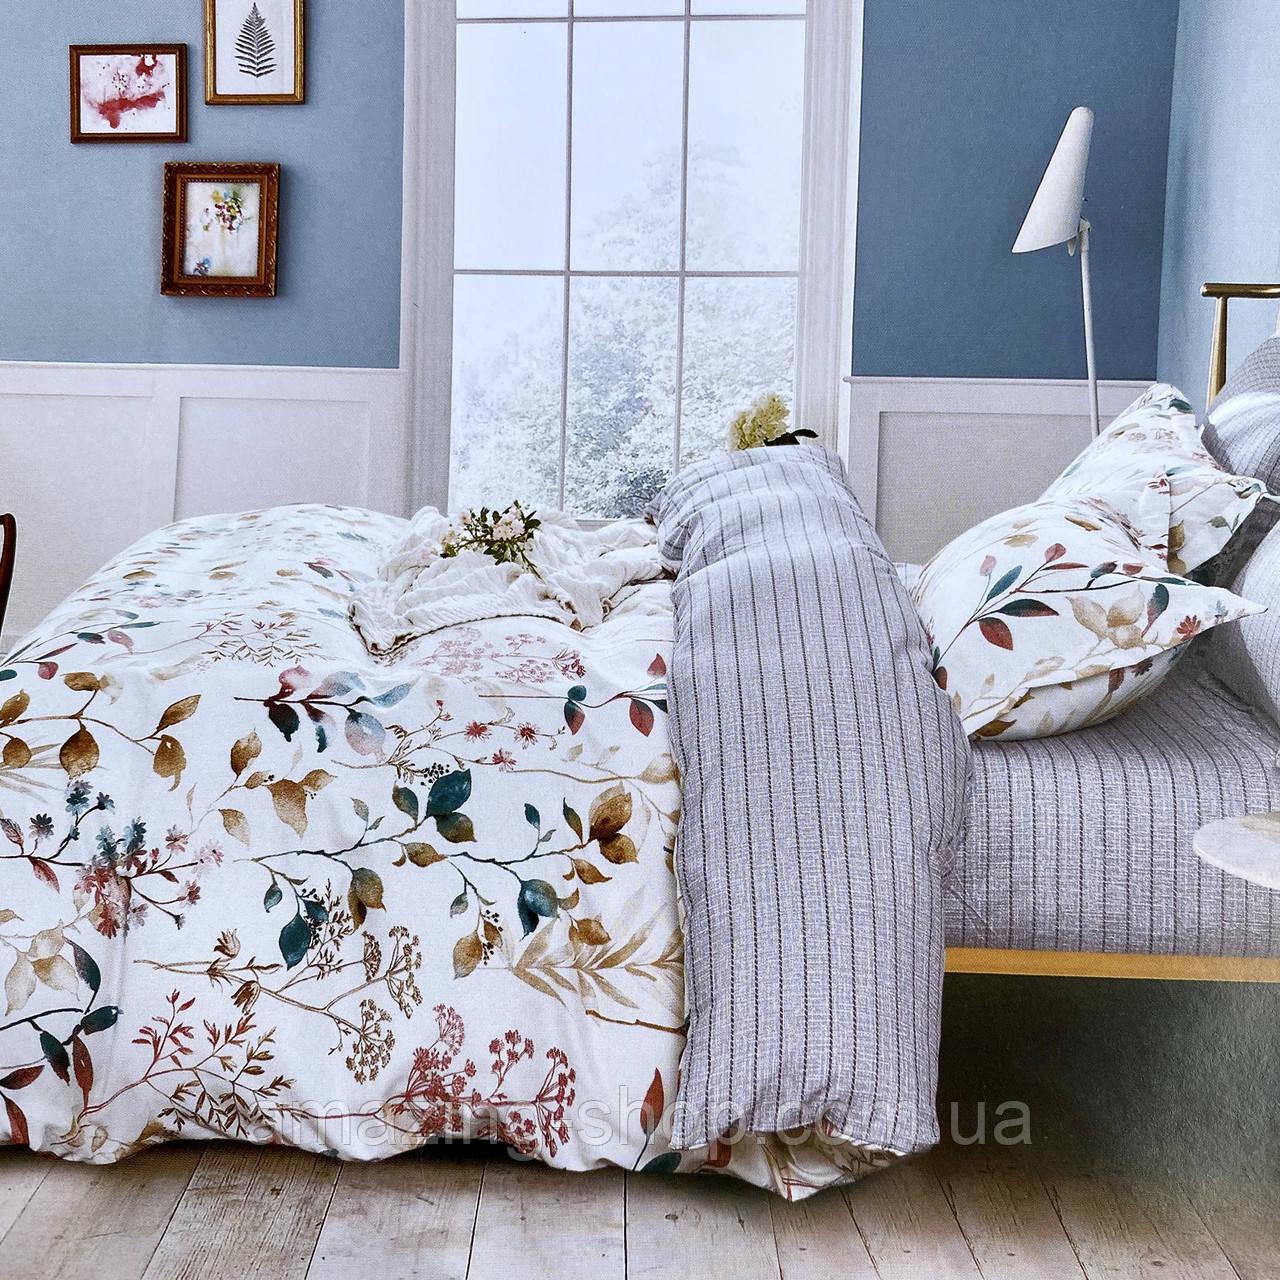 Постельное белье.   Постільна білизна     Комплект постельного белья. Евро размер.